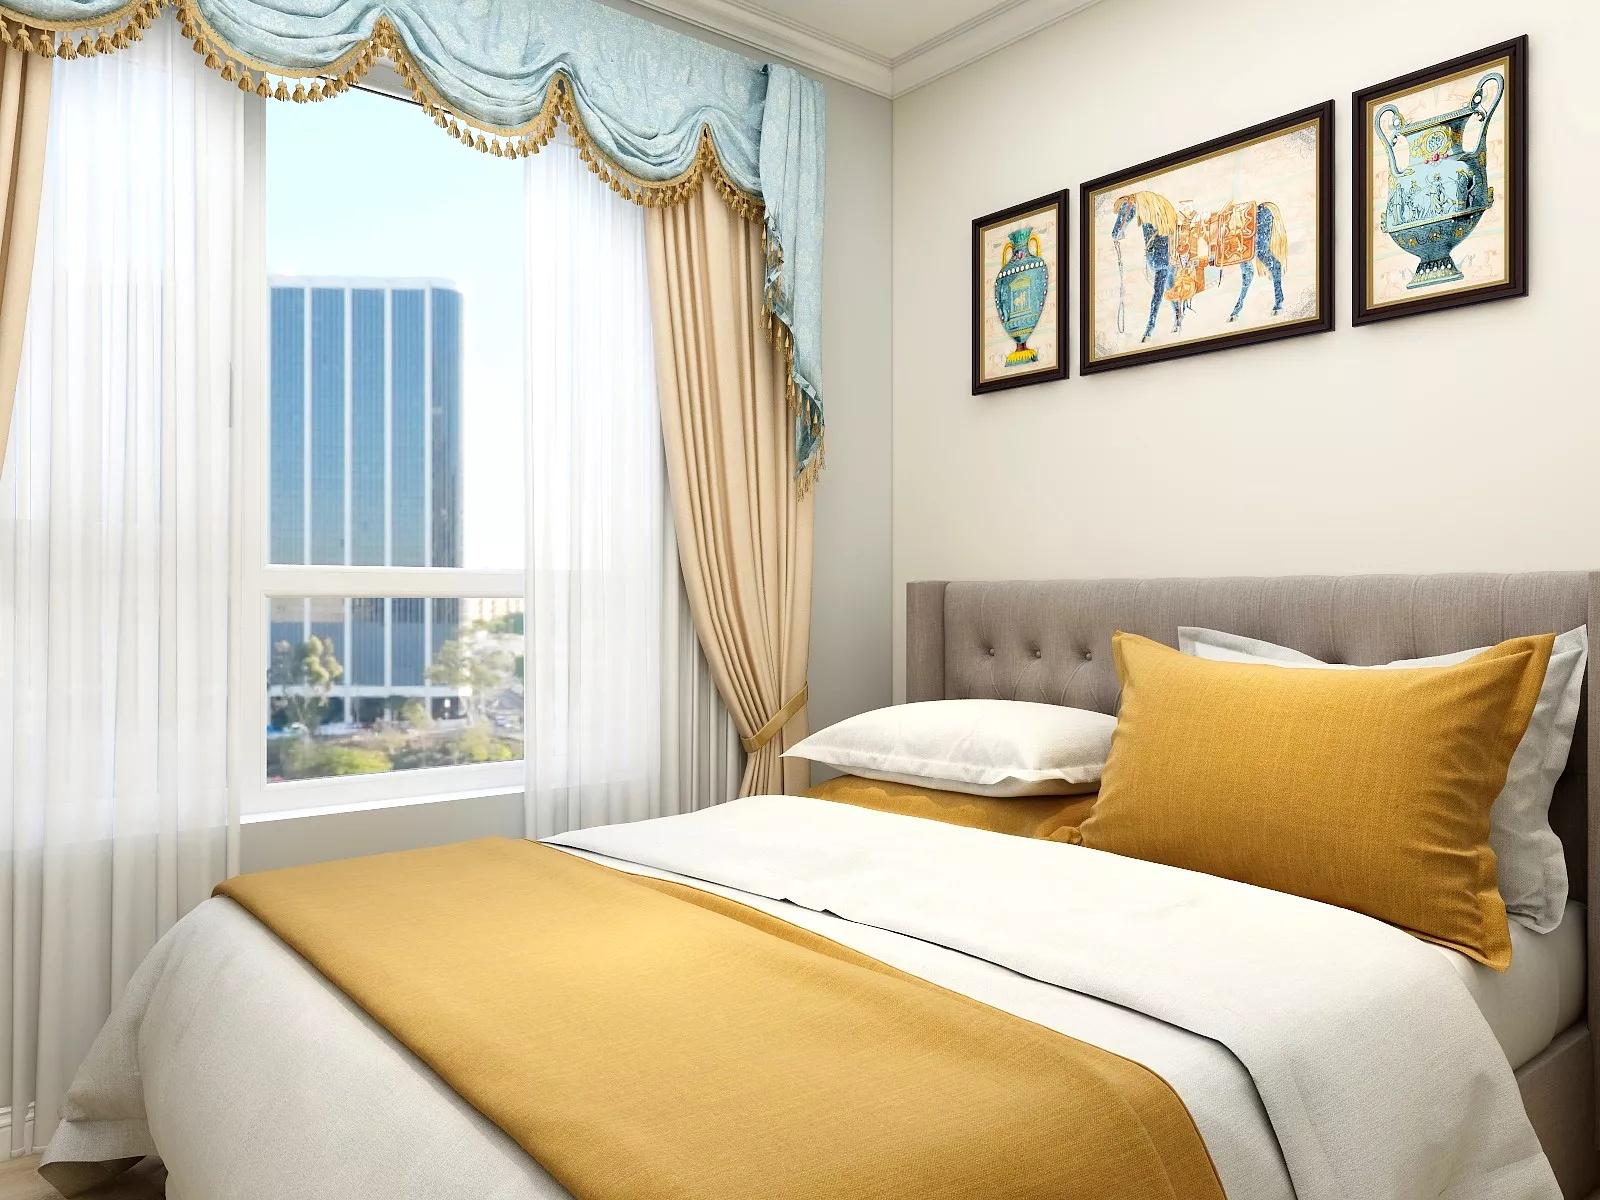 精美北欧客厅电视背景墙玄关卧室装修效果图